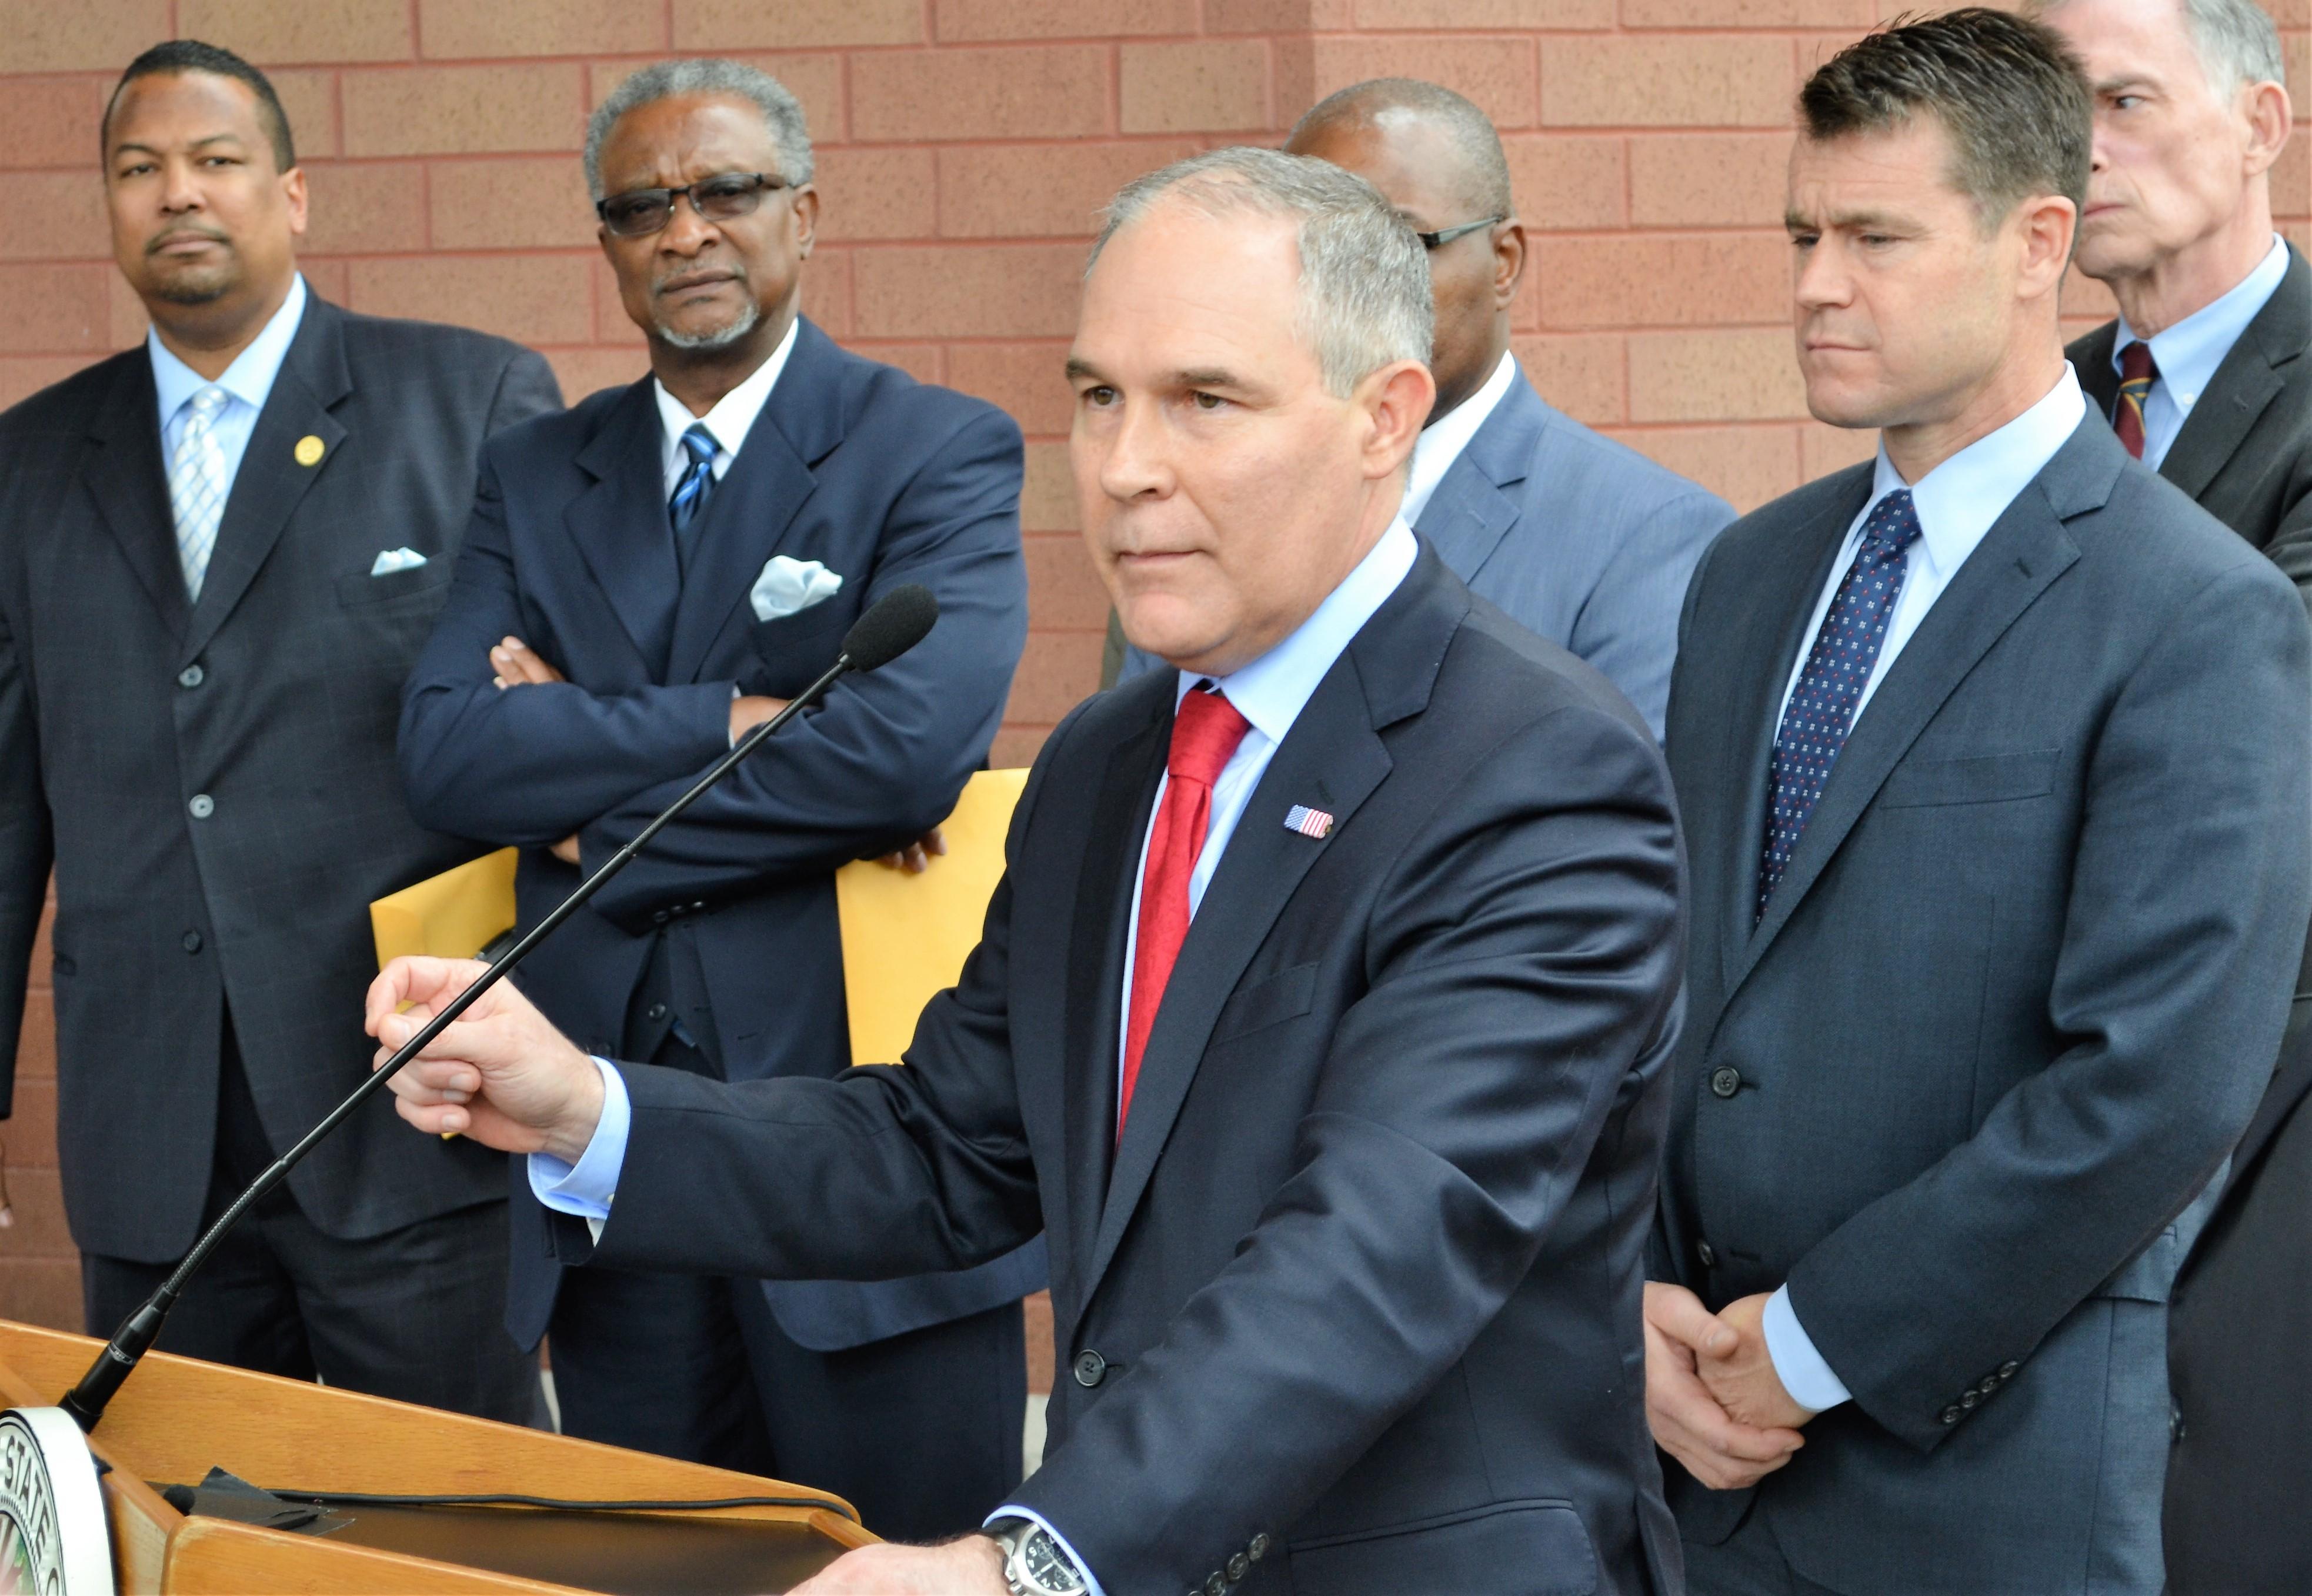 Court lets Dem states defend Obama ozone pollution rule